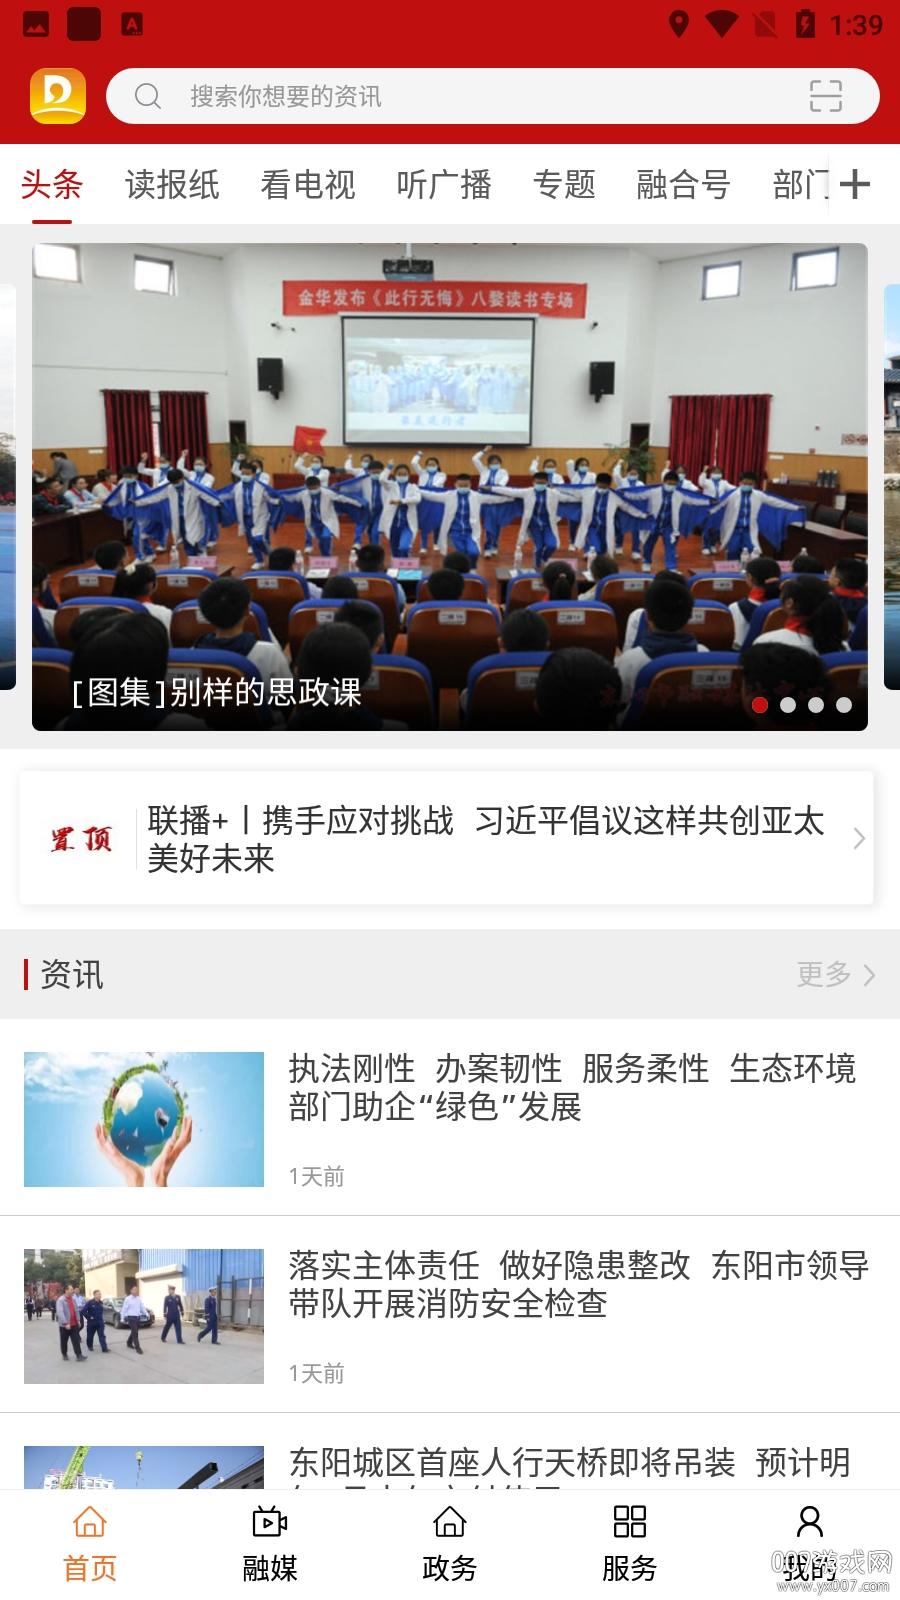 歌画东阳视频新闻版v3.0.2 手机版